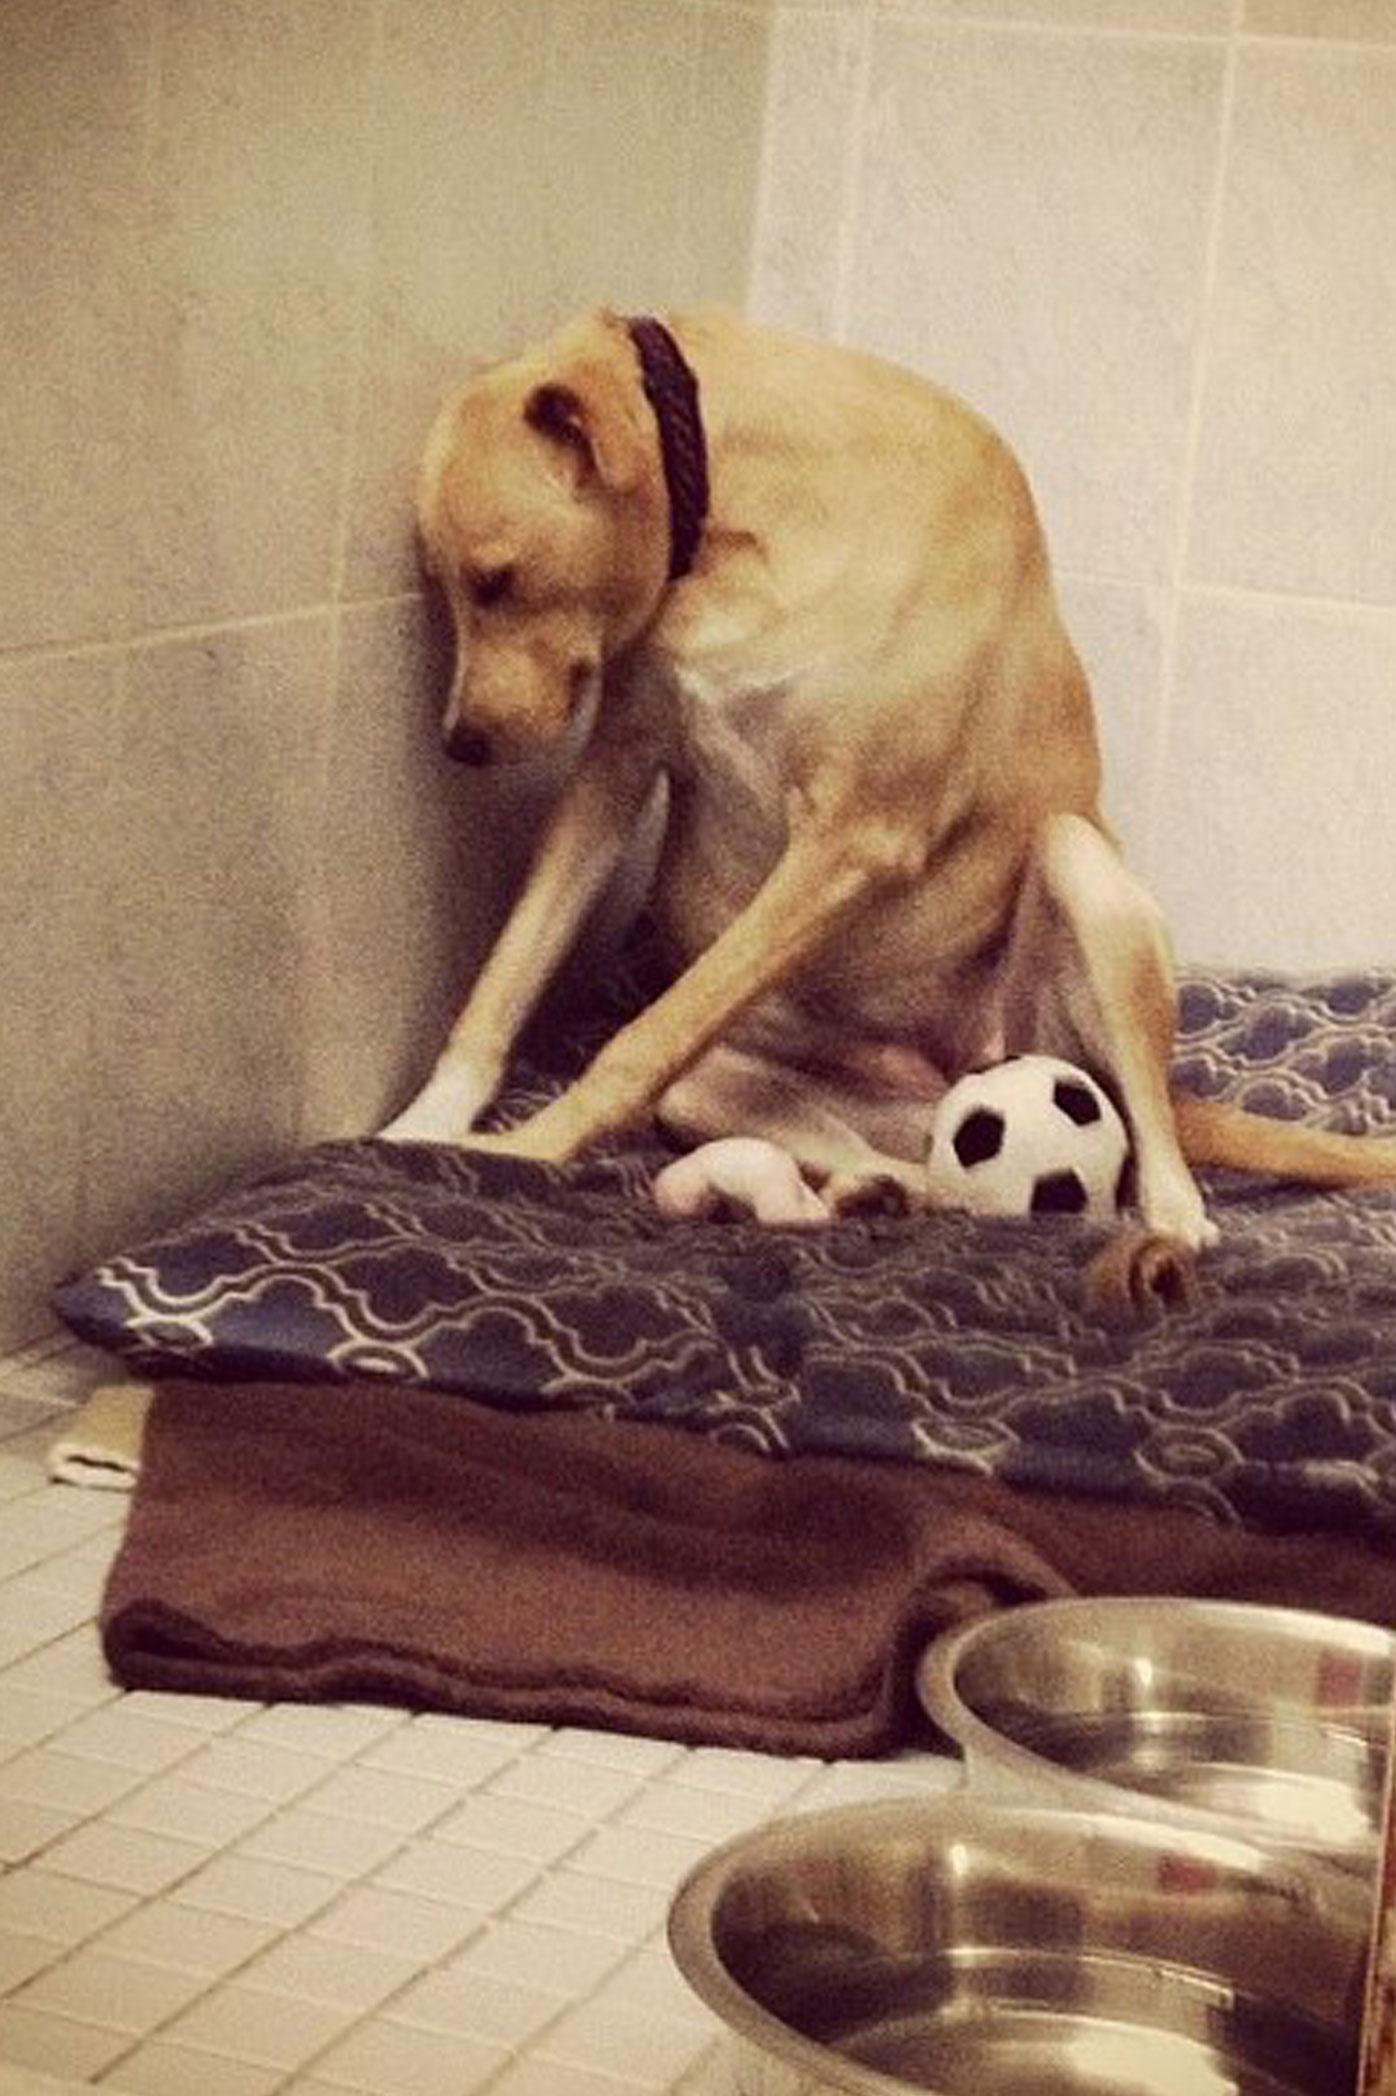 Photo of 'world's saddest dog' goes viral